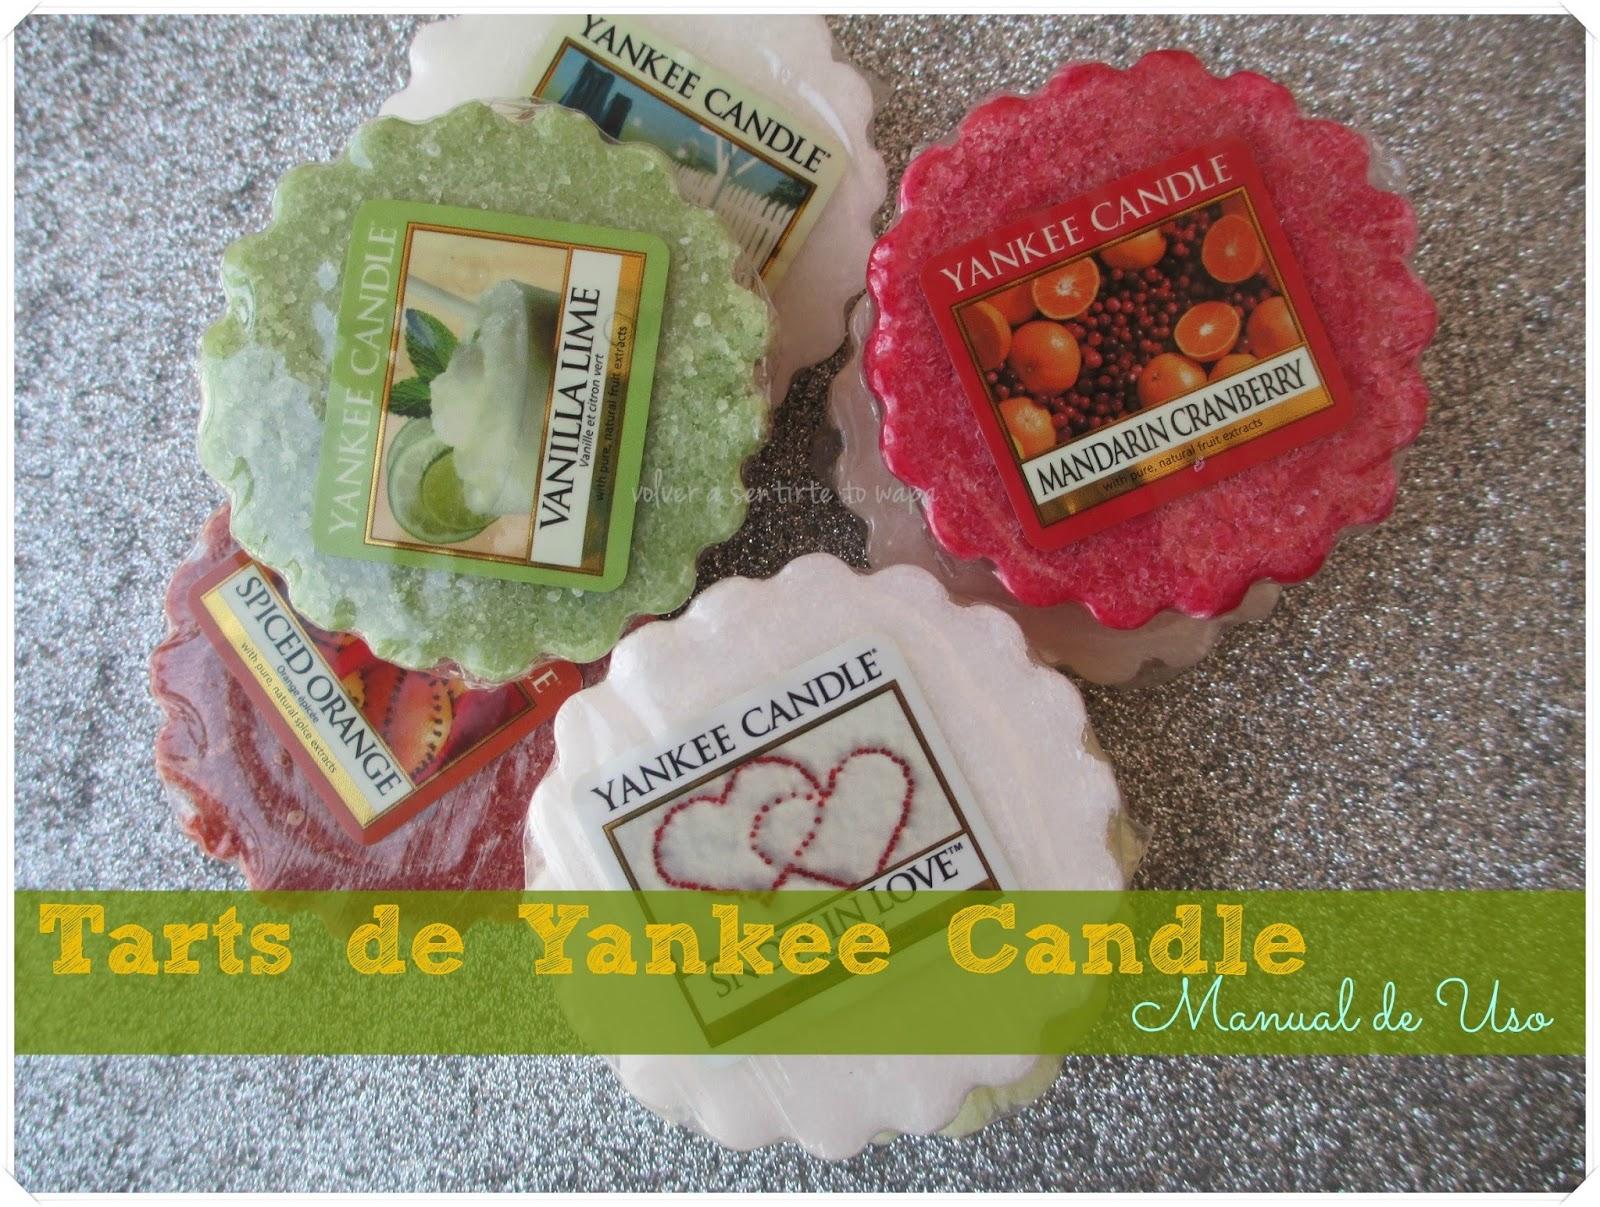 Yankee Candle {tarts}: Manual de uso y dónde comprarlas